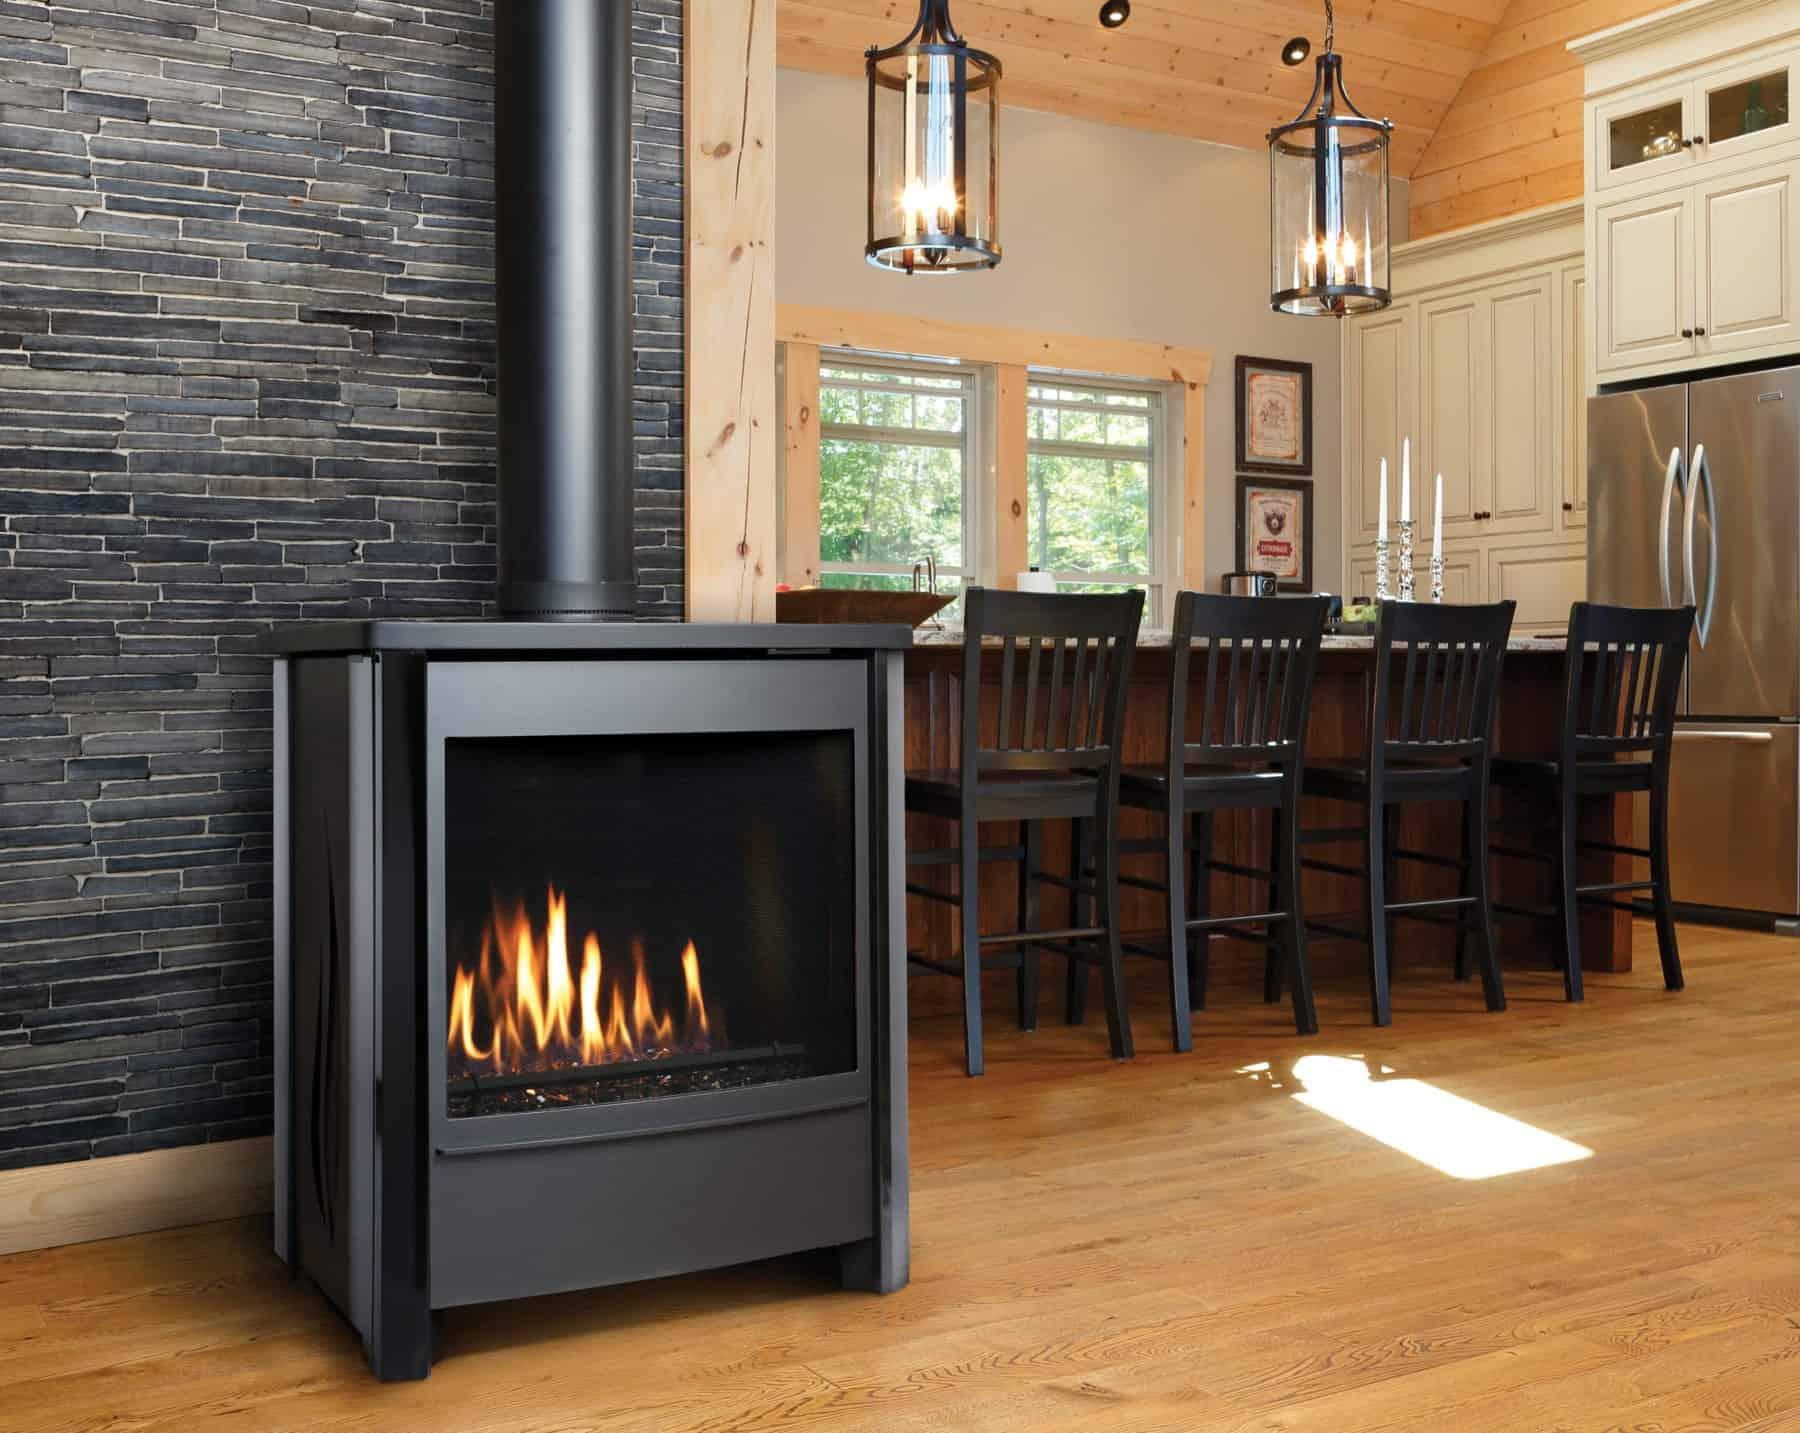 Kingsman Fvd451 Freestanding Gas Stove Safe Home Fireplace